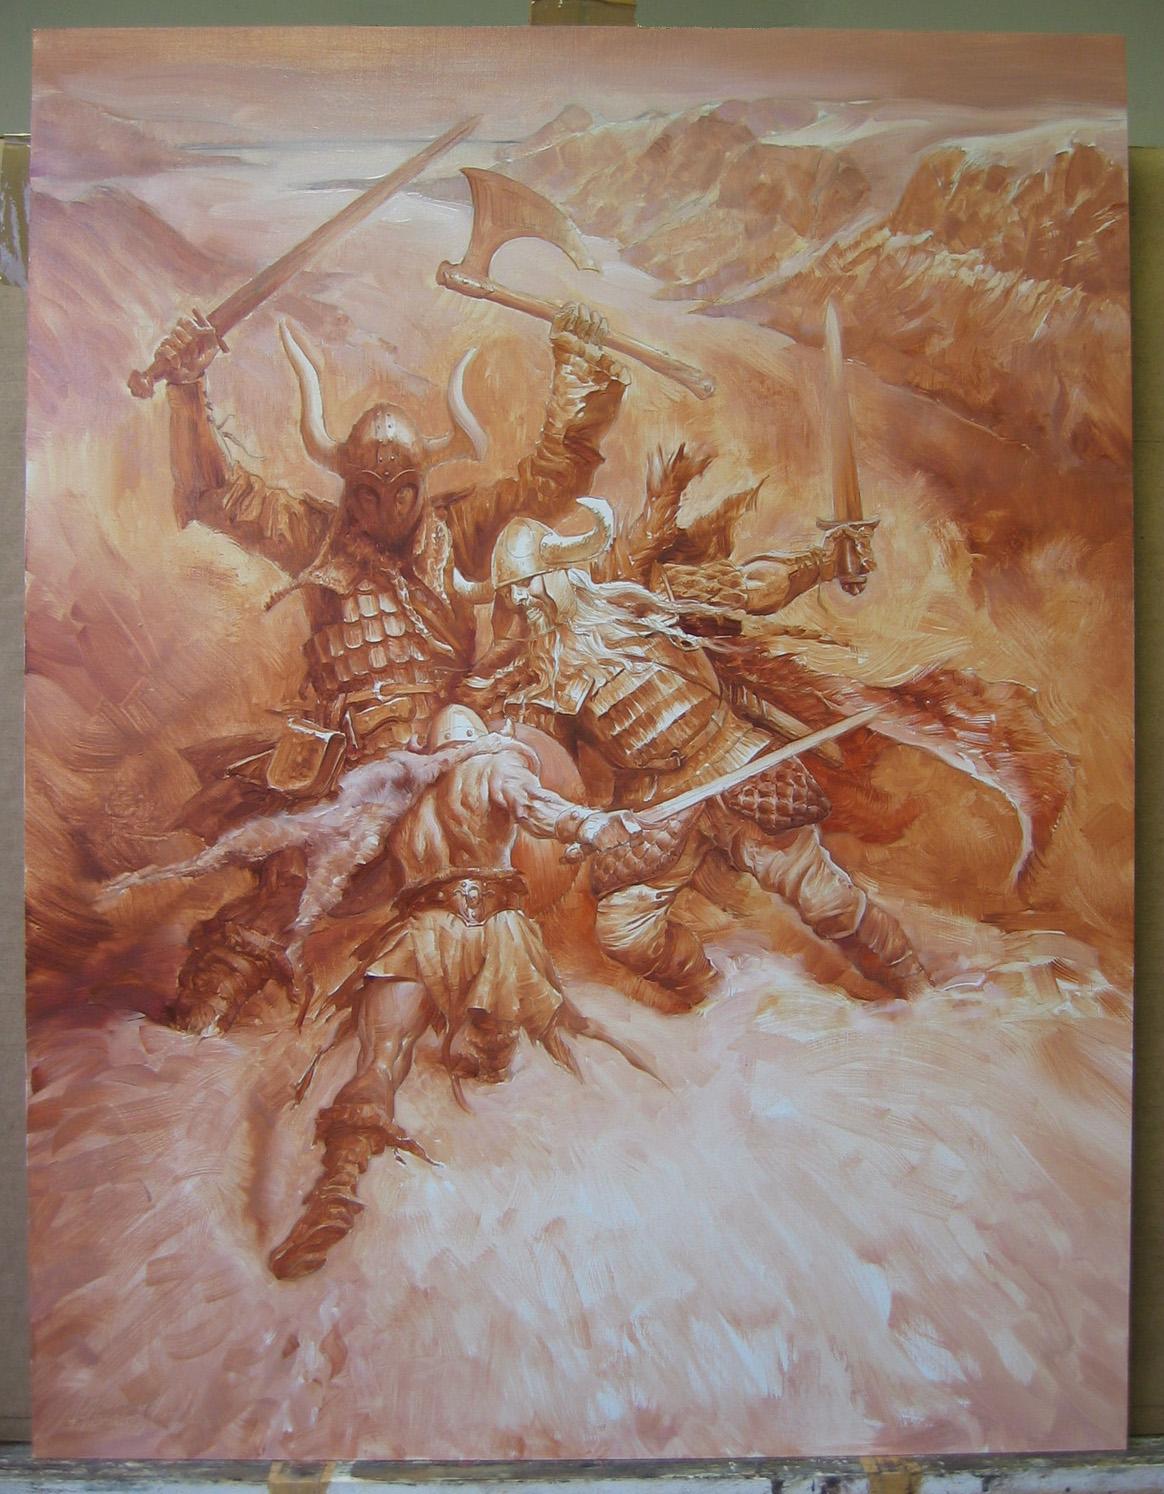 Conan Commission, part 4